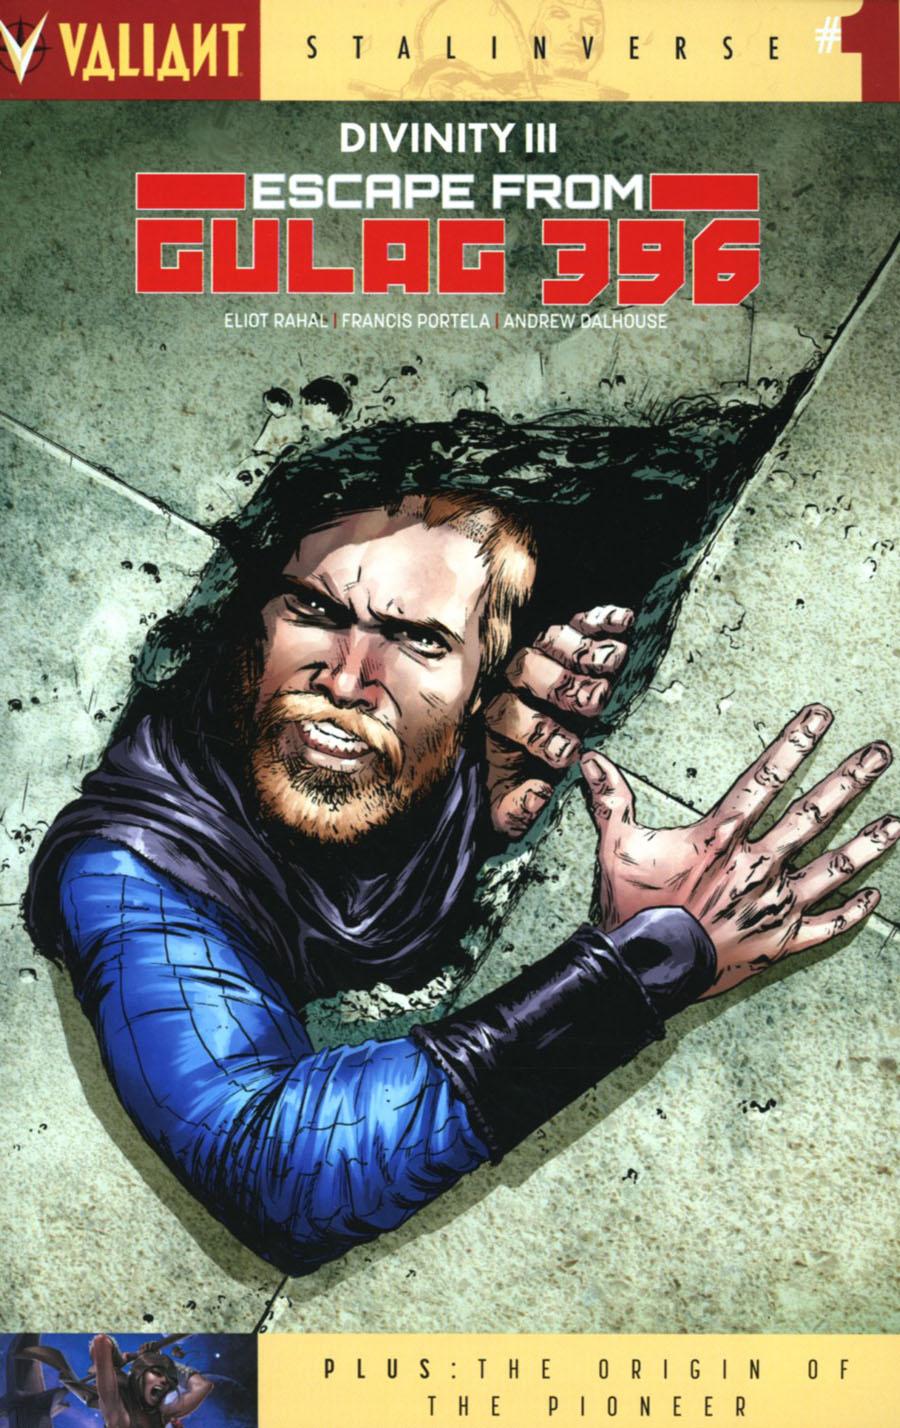 Divinity III Escape From Gulag 396 #1 Cover A Regular Adam Gorham Cover